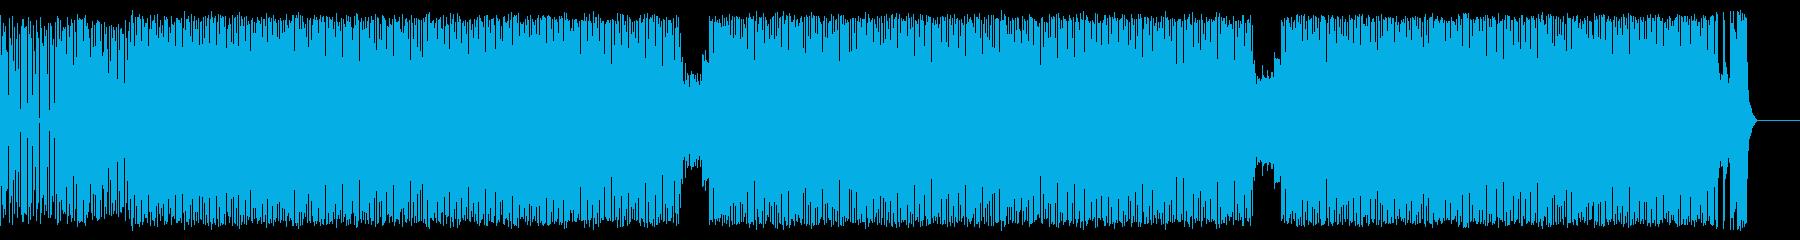 ずっこけ 動物 子供 場面転換の再生済みの波形